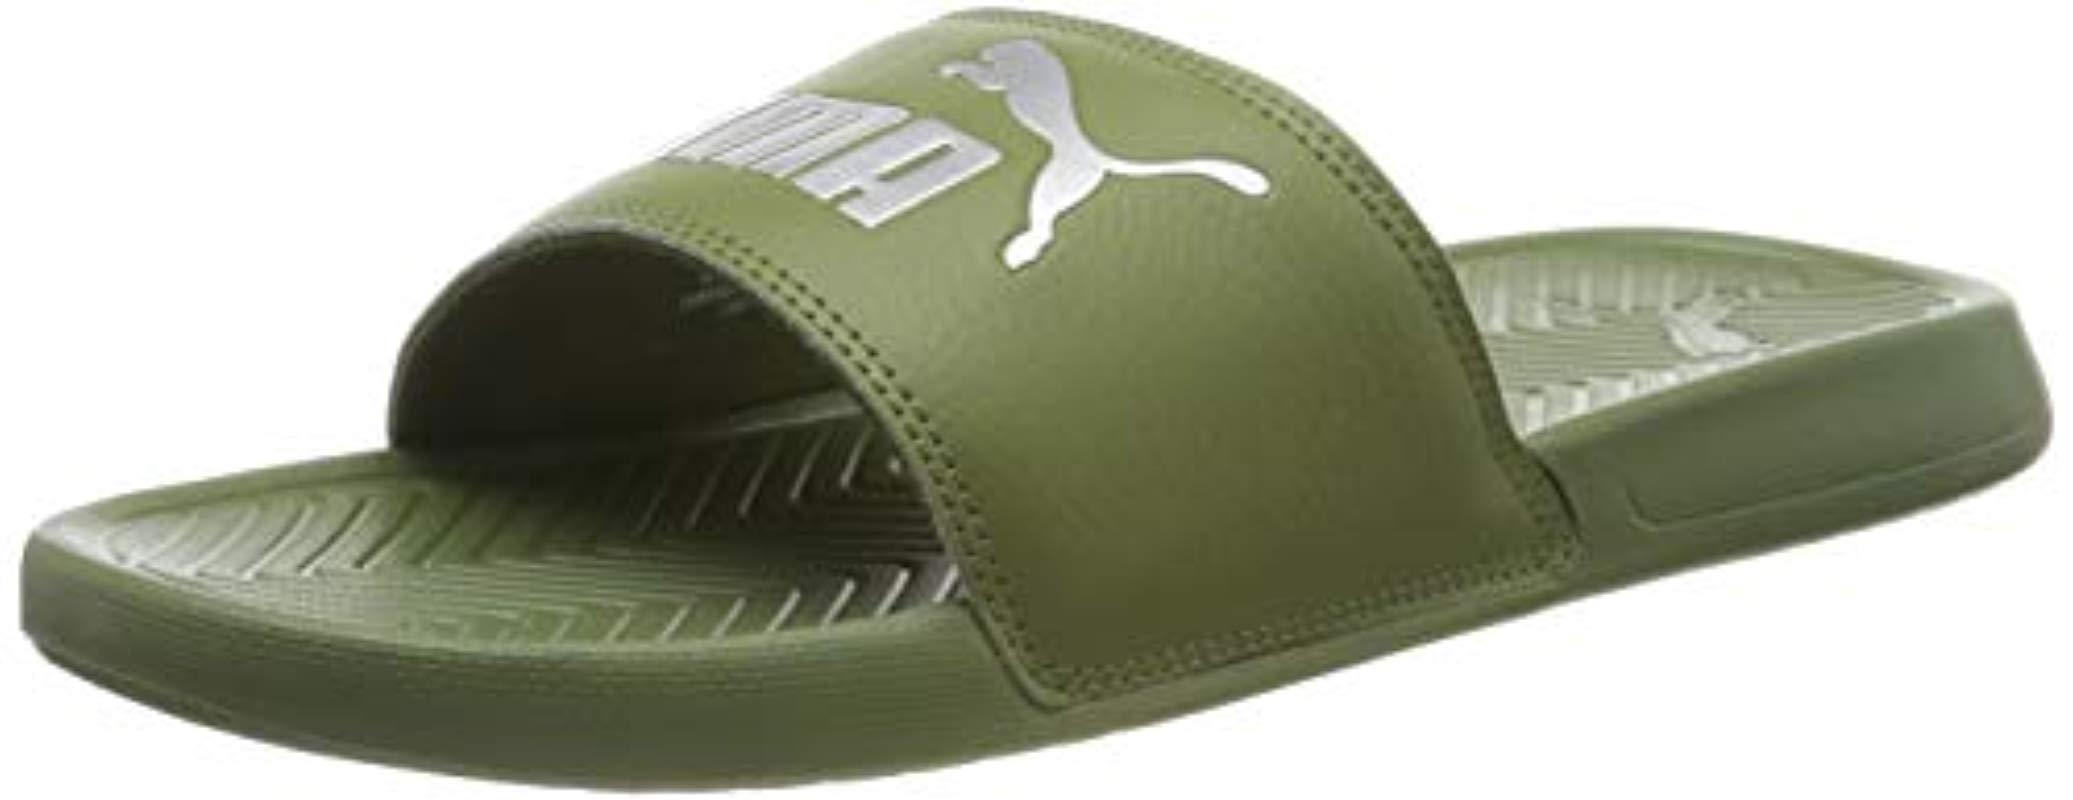 4d4a0bead Popcat, Zapatos de Playa y Piscina Unisex Adulto PUMA de hombre de ...